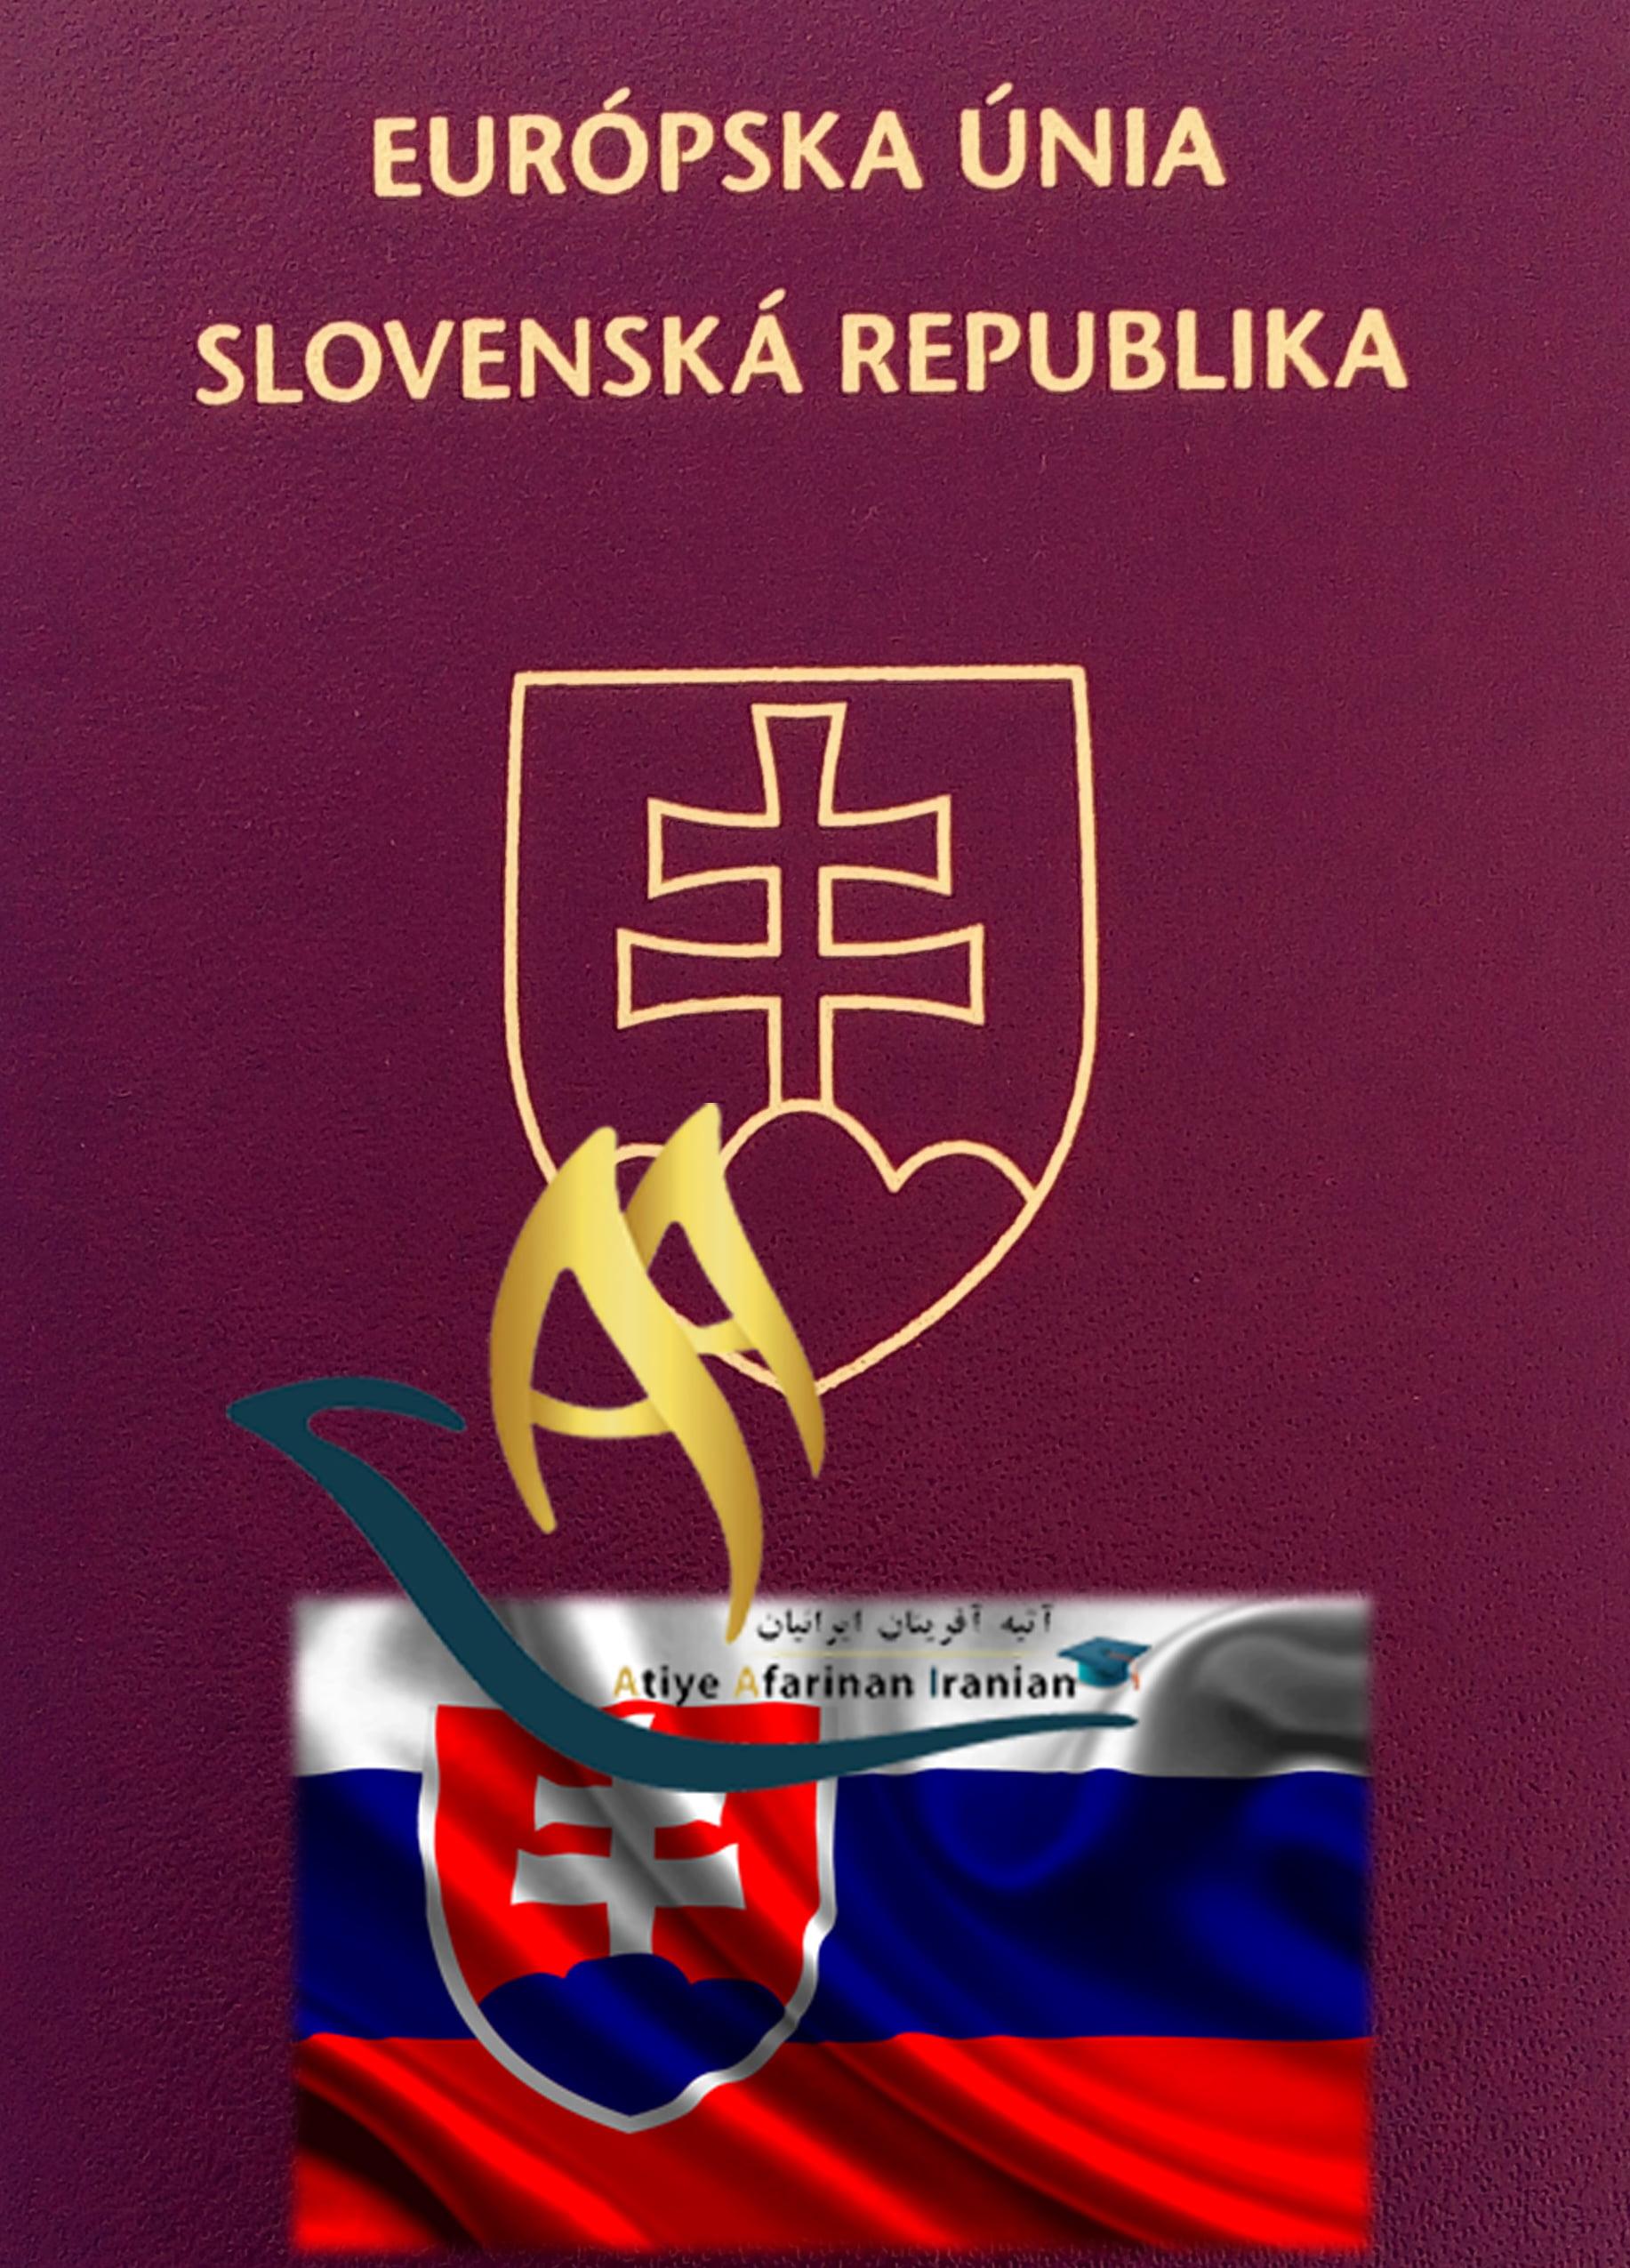 اقامت و تابعیت اسلواکی